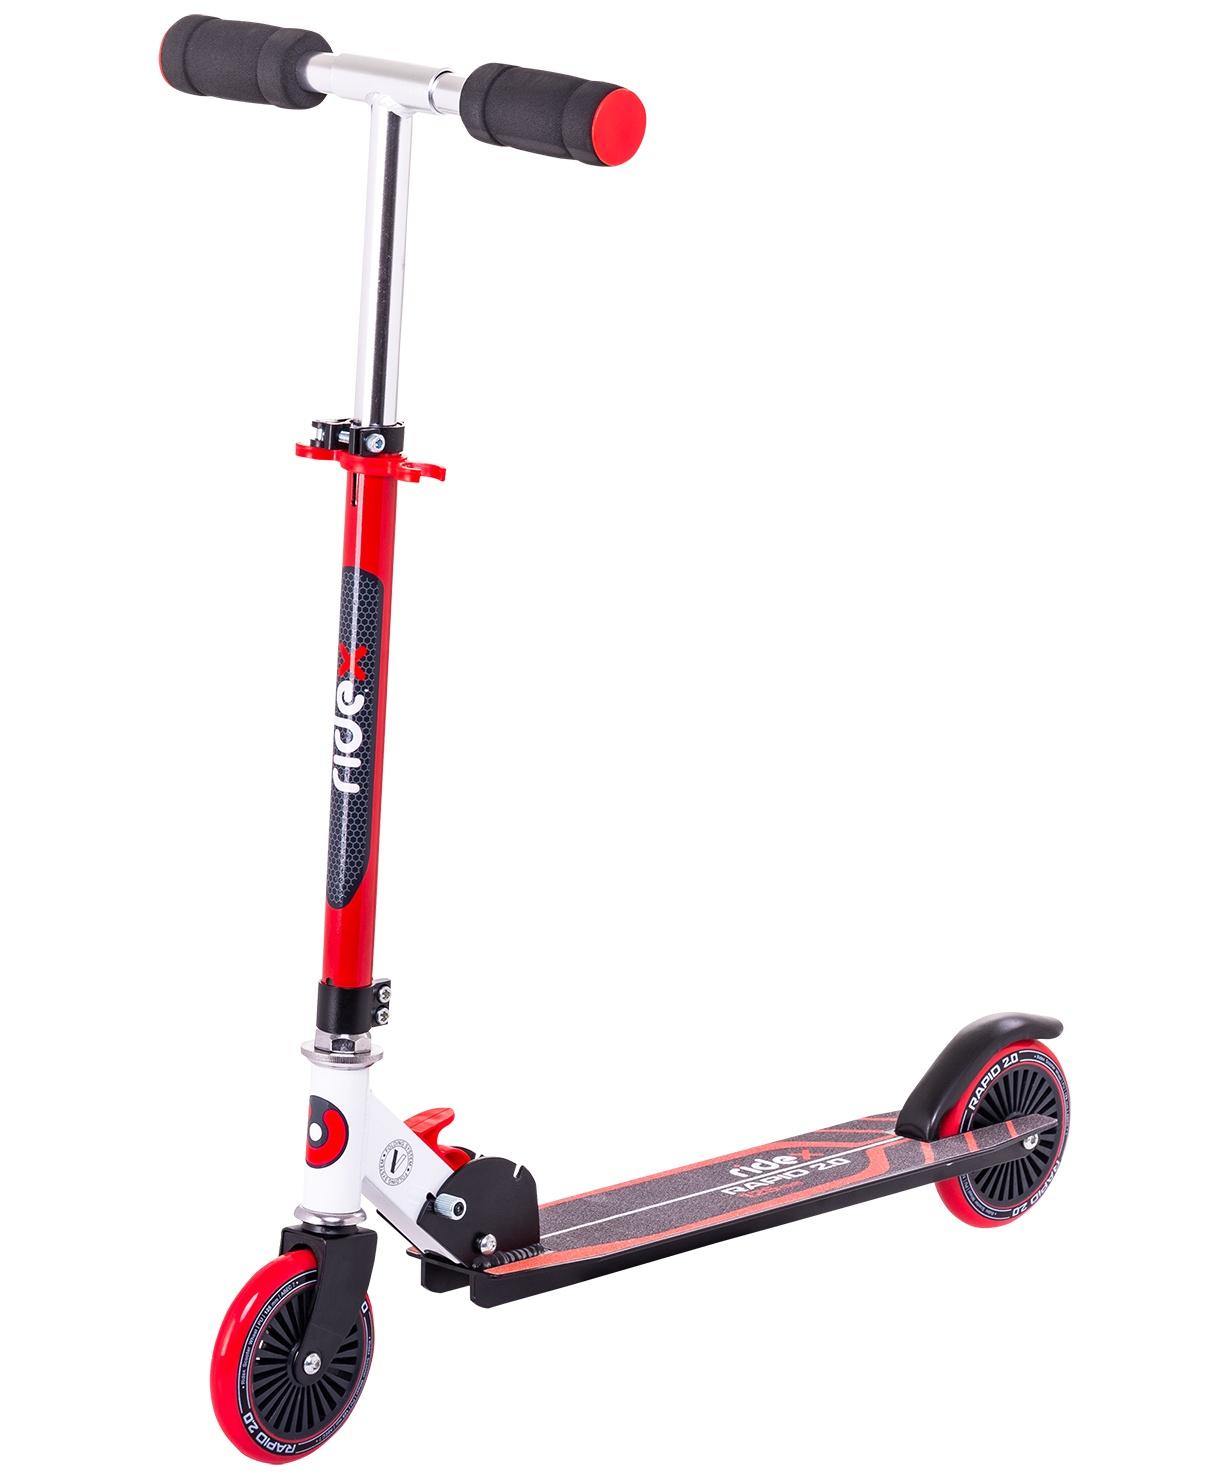 Самокат Ridex 2-колесный Rapid 2.0, 125 мм, красный самокат ridex syndicate 2 колесный цвет красный